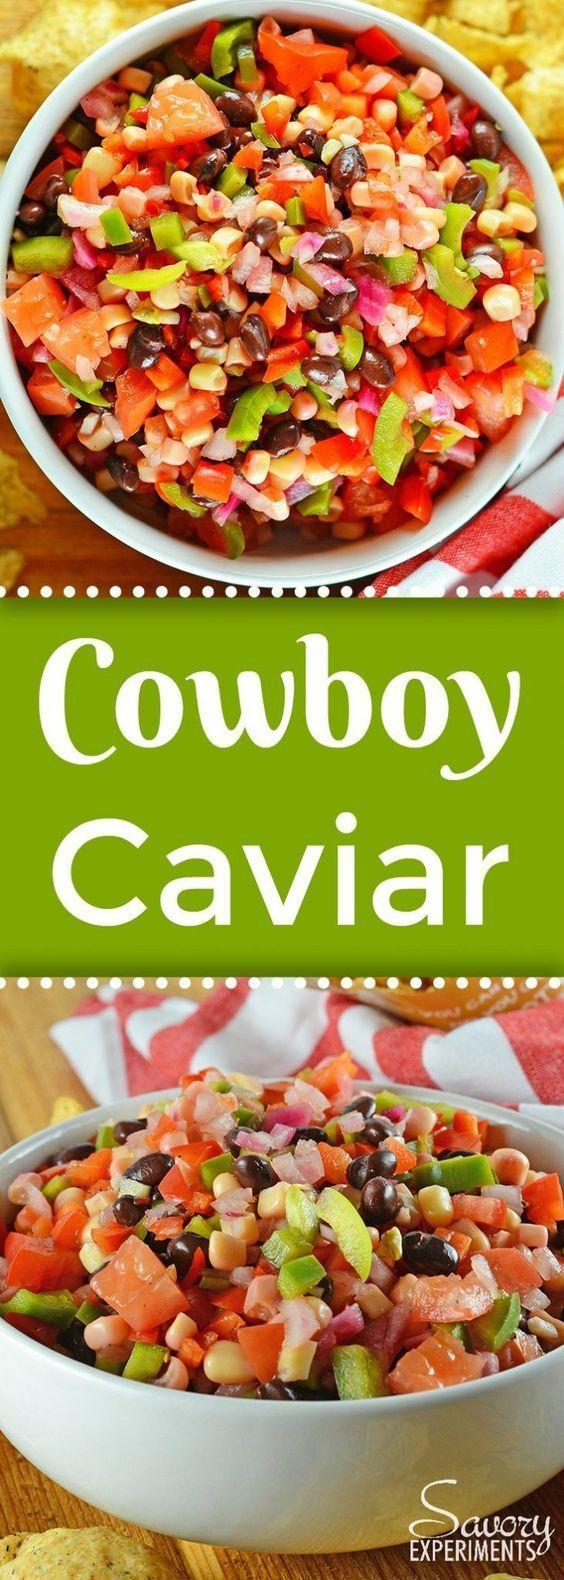 Cowboy Caviar Dip ist mein beliebtestes Rezept! Dieser texanische Kaviar wird mit ... - #beliebtestes #Caviar #Cowboy #Dieser #Dip #ist #Kaviar #Mein #mit #Rezept #texanische #Wird #cowboycaviar